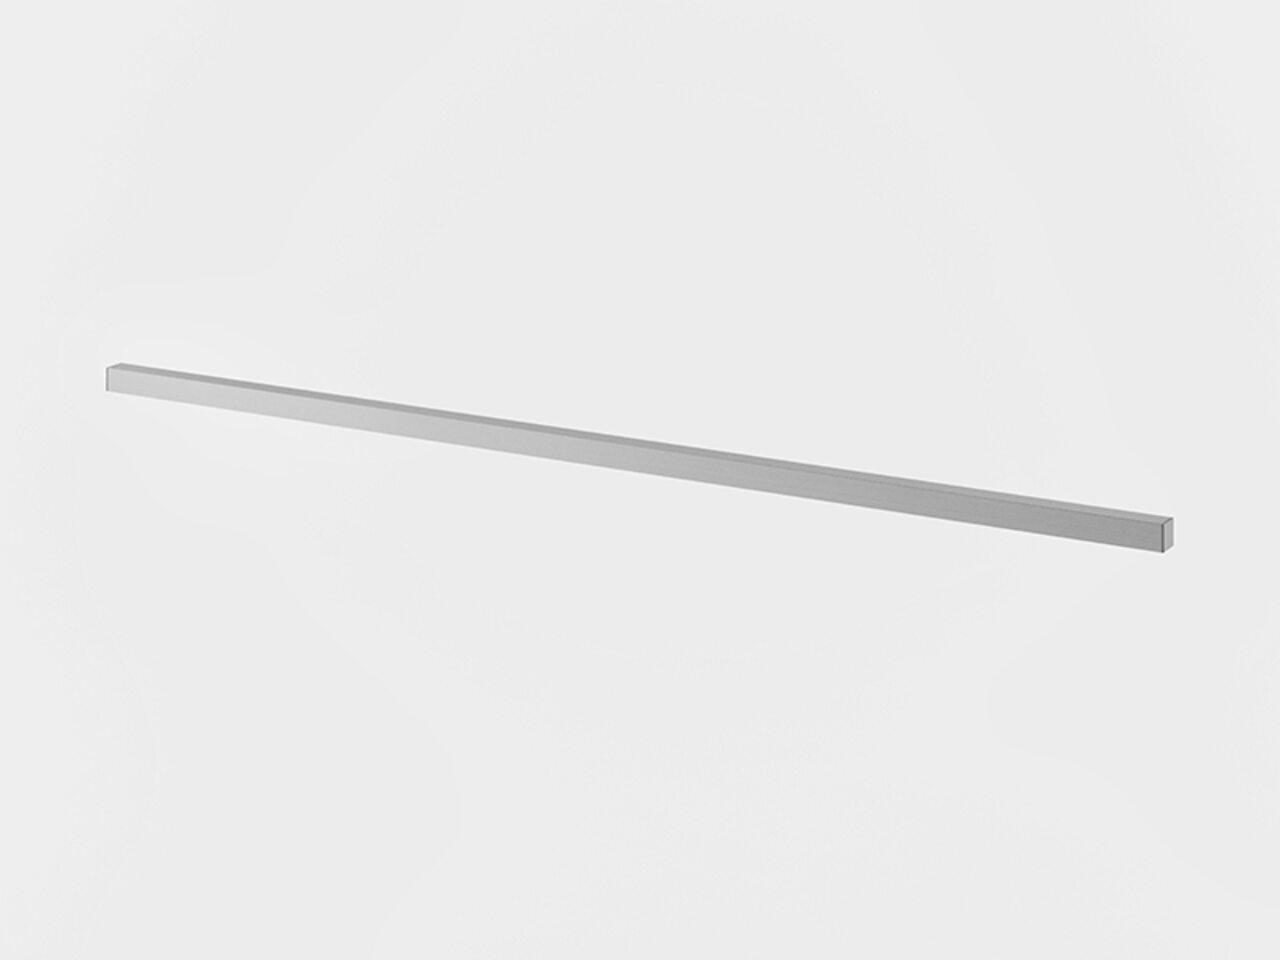 Заглушка декоративная  Vasanta 4x160x4 - фото 1